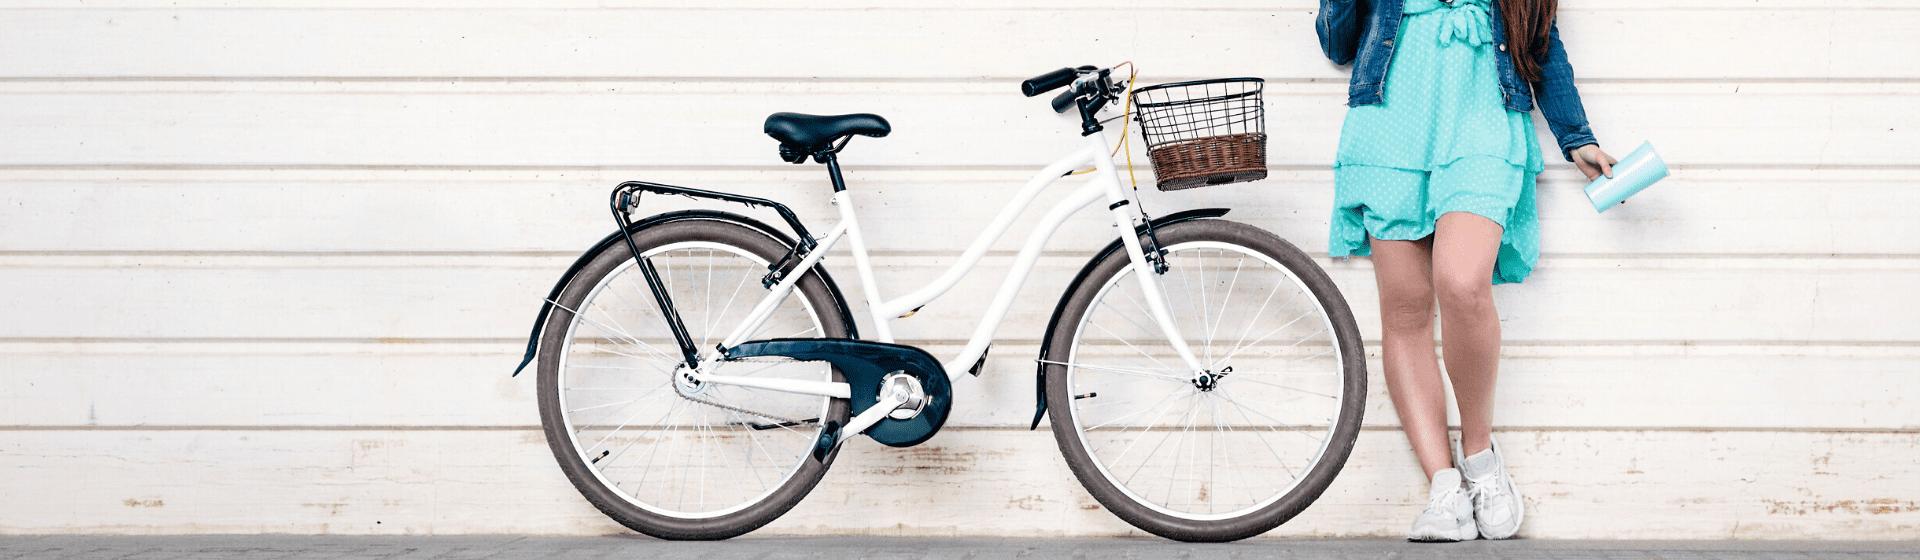 Tamanho de bicicleta: qual a bicicleta ideal para a sua altura?